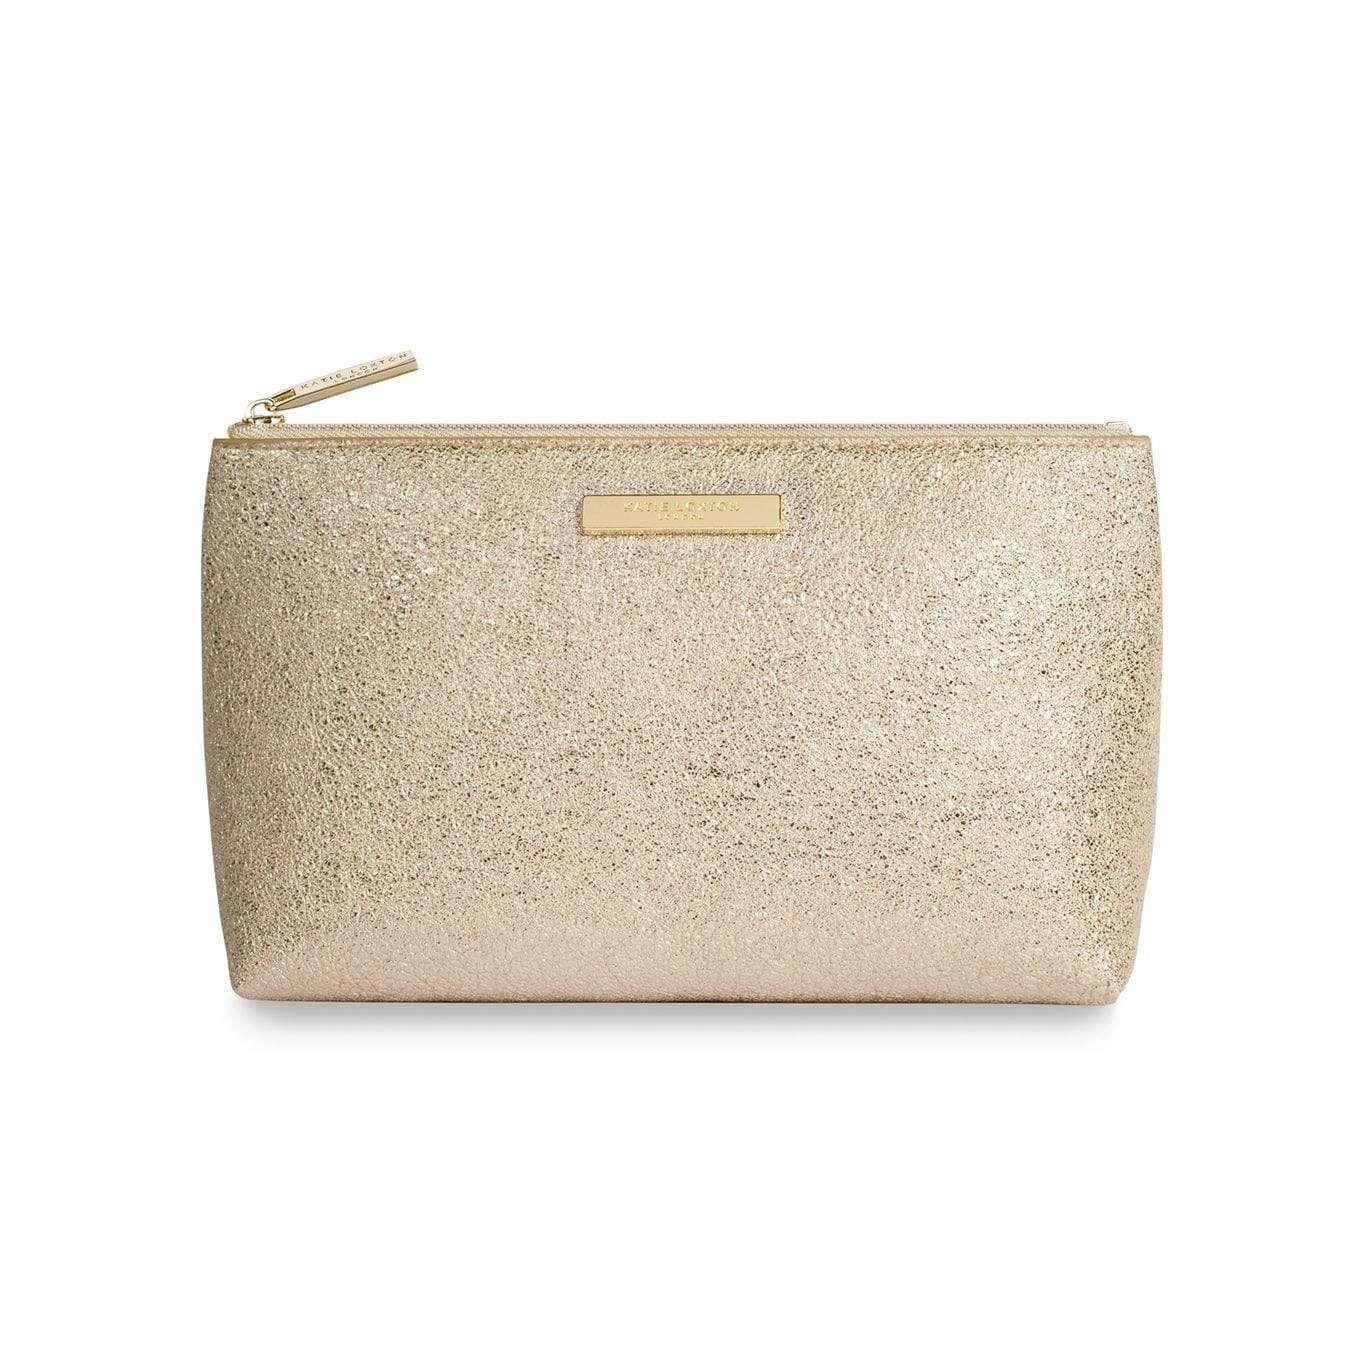 Katie Loxton Mia Metallic Gold Make Up Tasche KLB383 S – Einheitsgröße